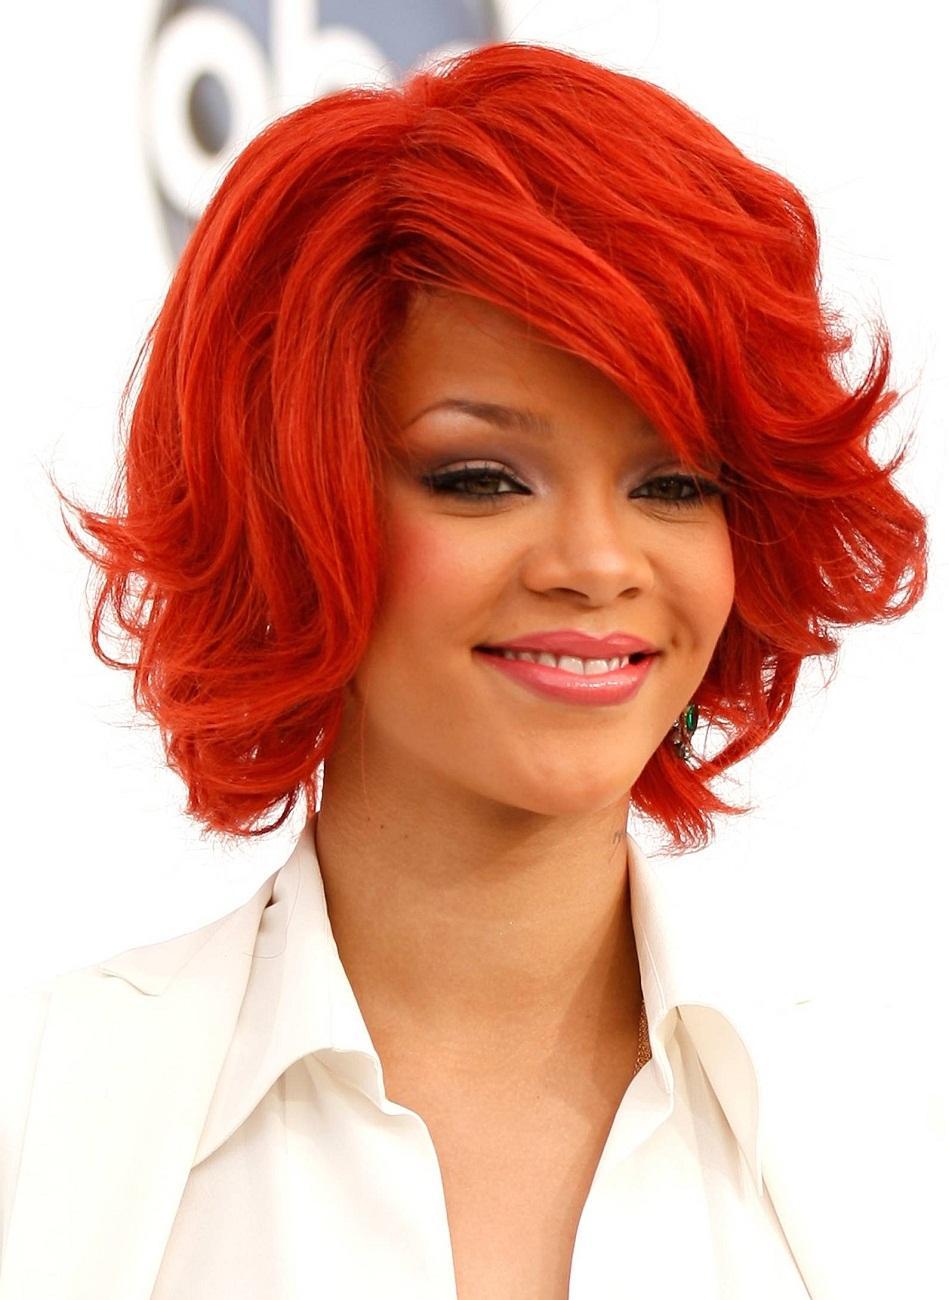 Модные волосы 2013 - рыжие волосы